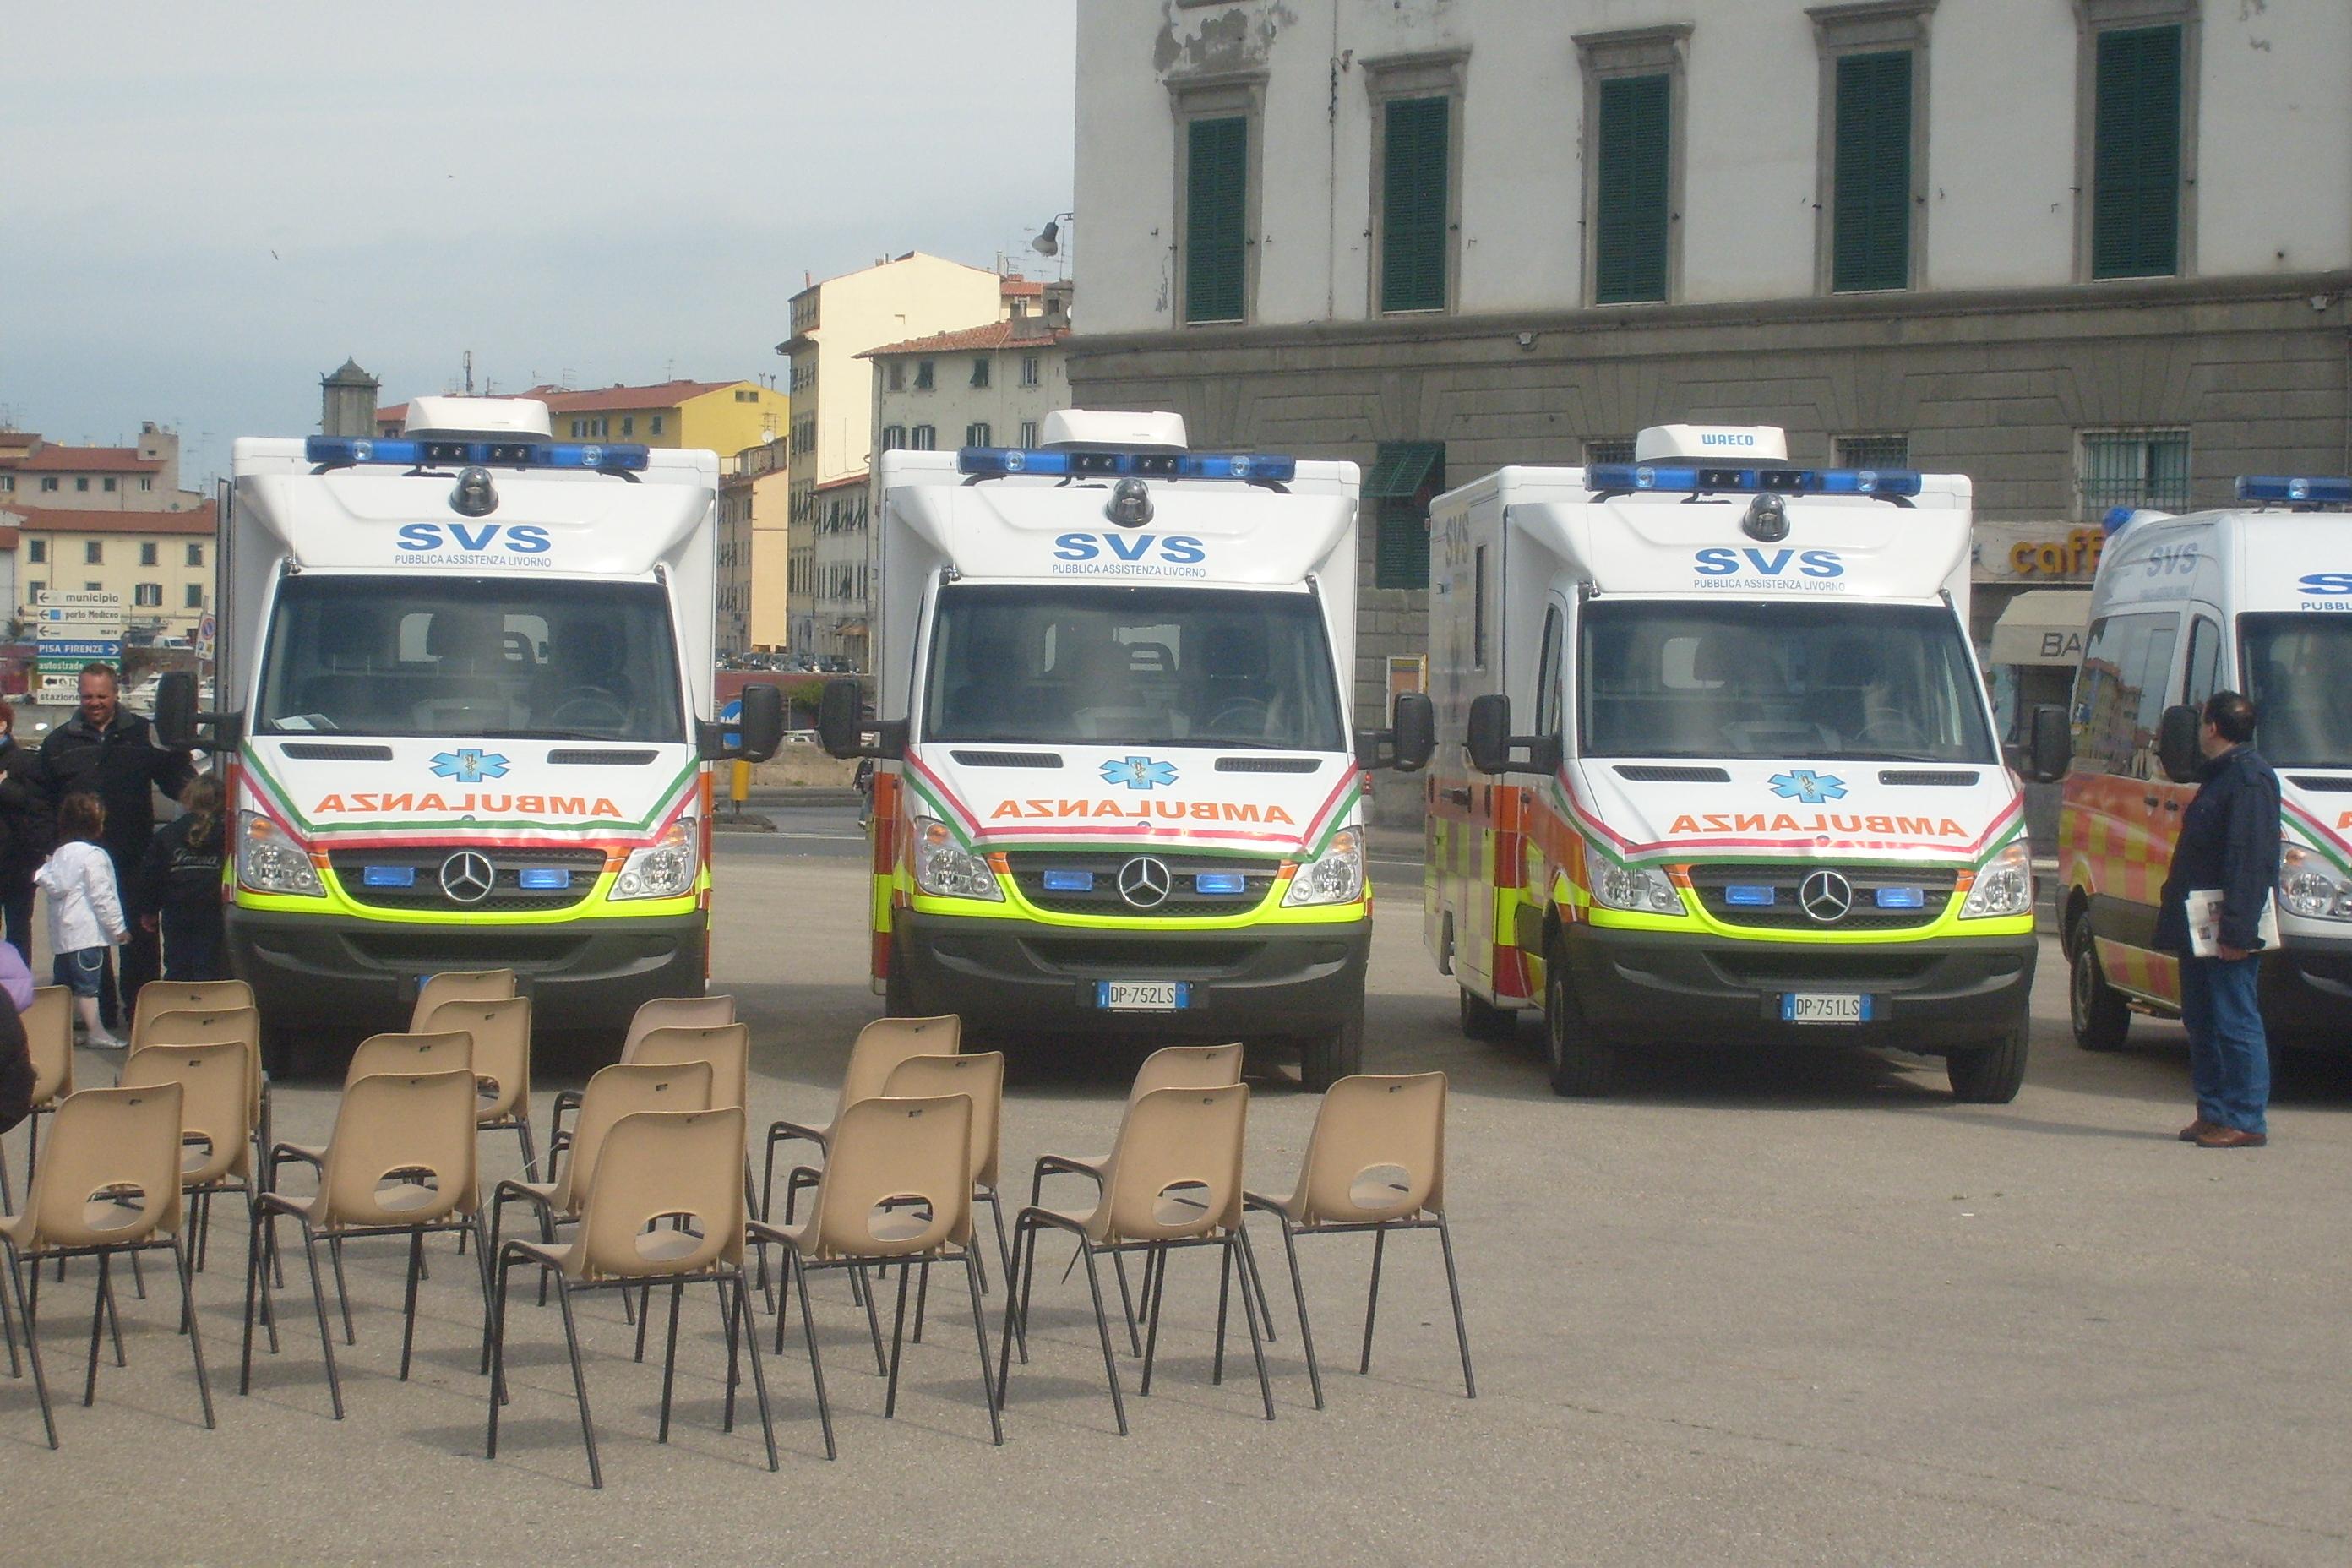 Foto 124:  allestimento con cellula sul Nuovo Sprinter, che vediamo nei colori della SVS di Livorno, acquirente di questi veicoli adibiti al servizio di emergenza nella città labronica –foto ADG